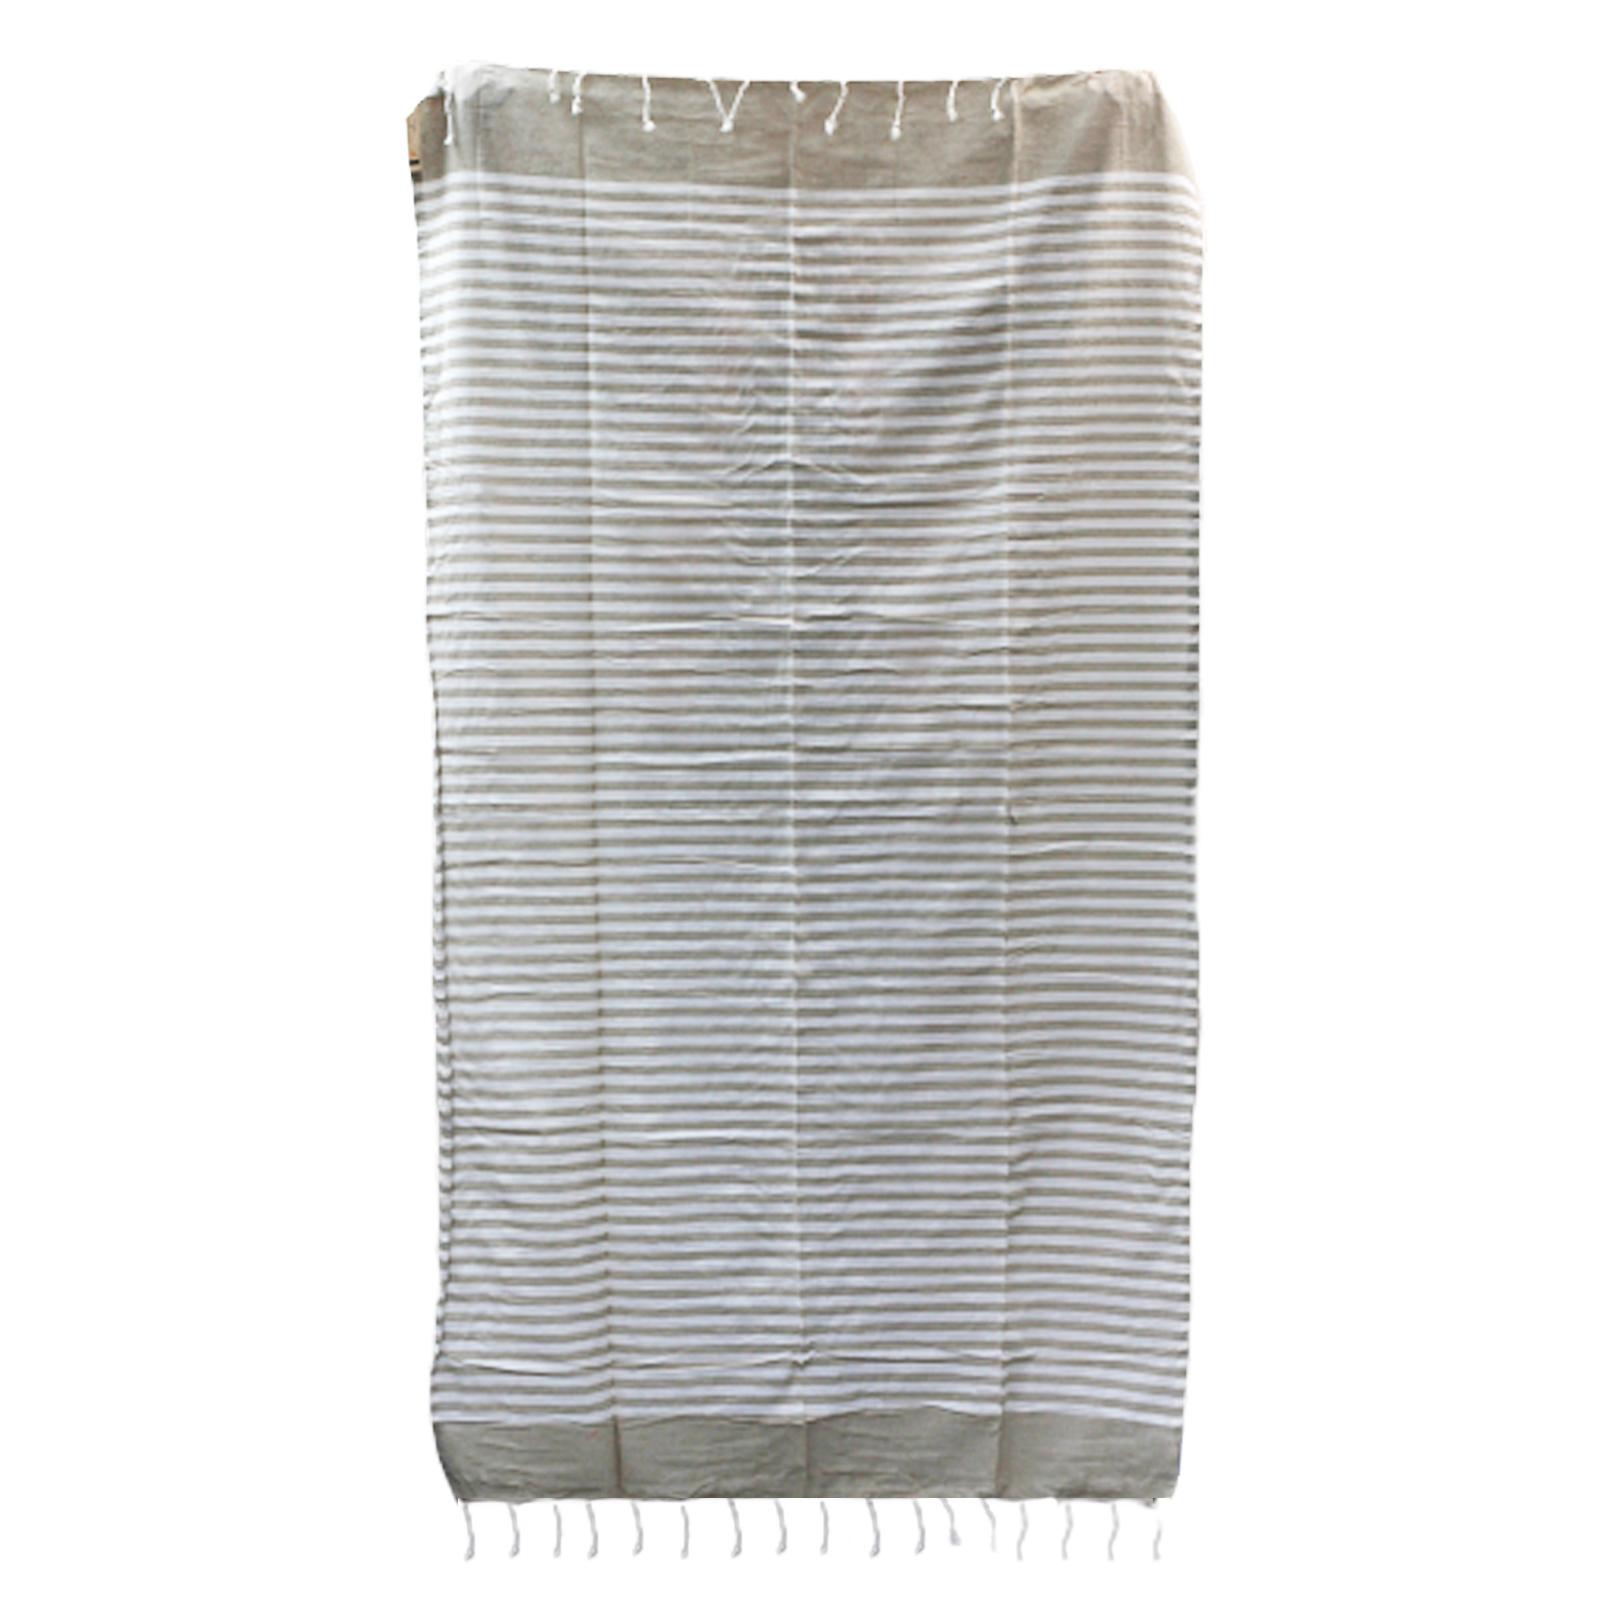 Cotton Pario Throw 100x180 cm Warm Sand